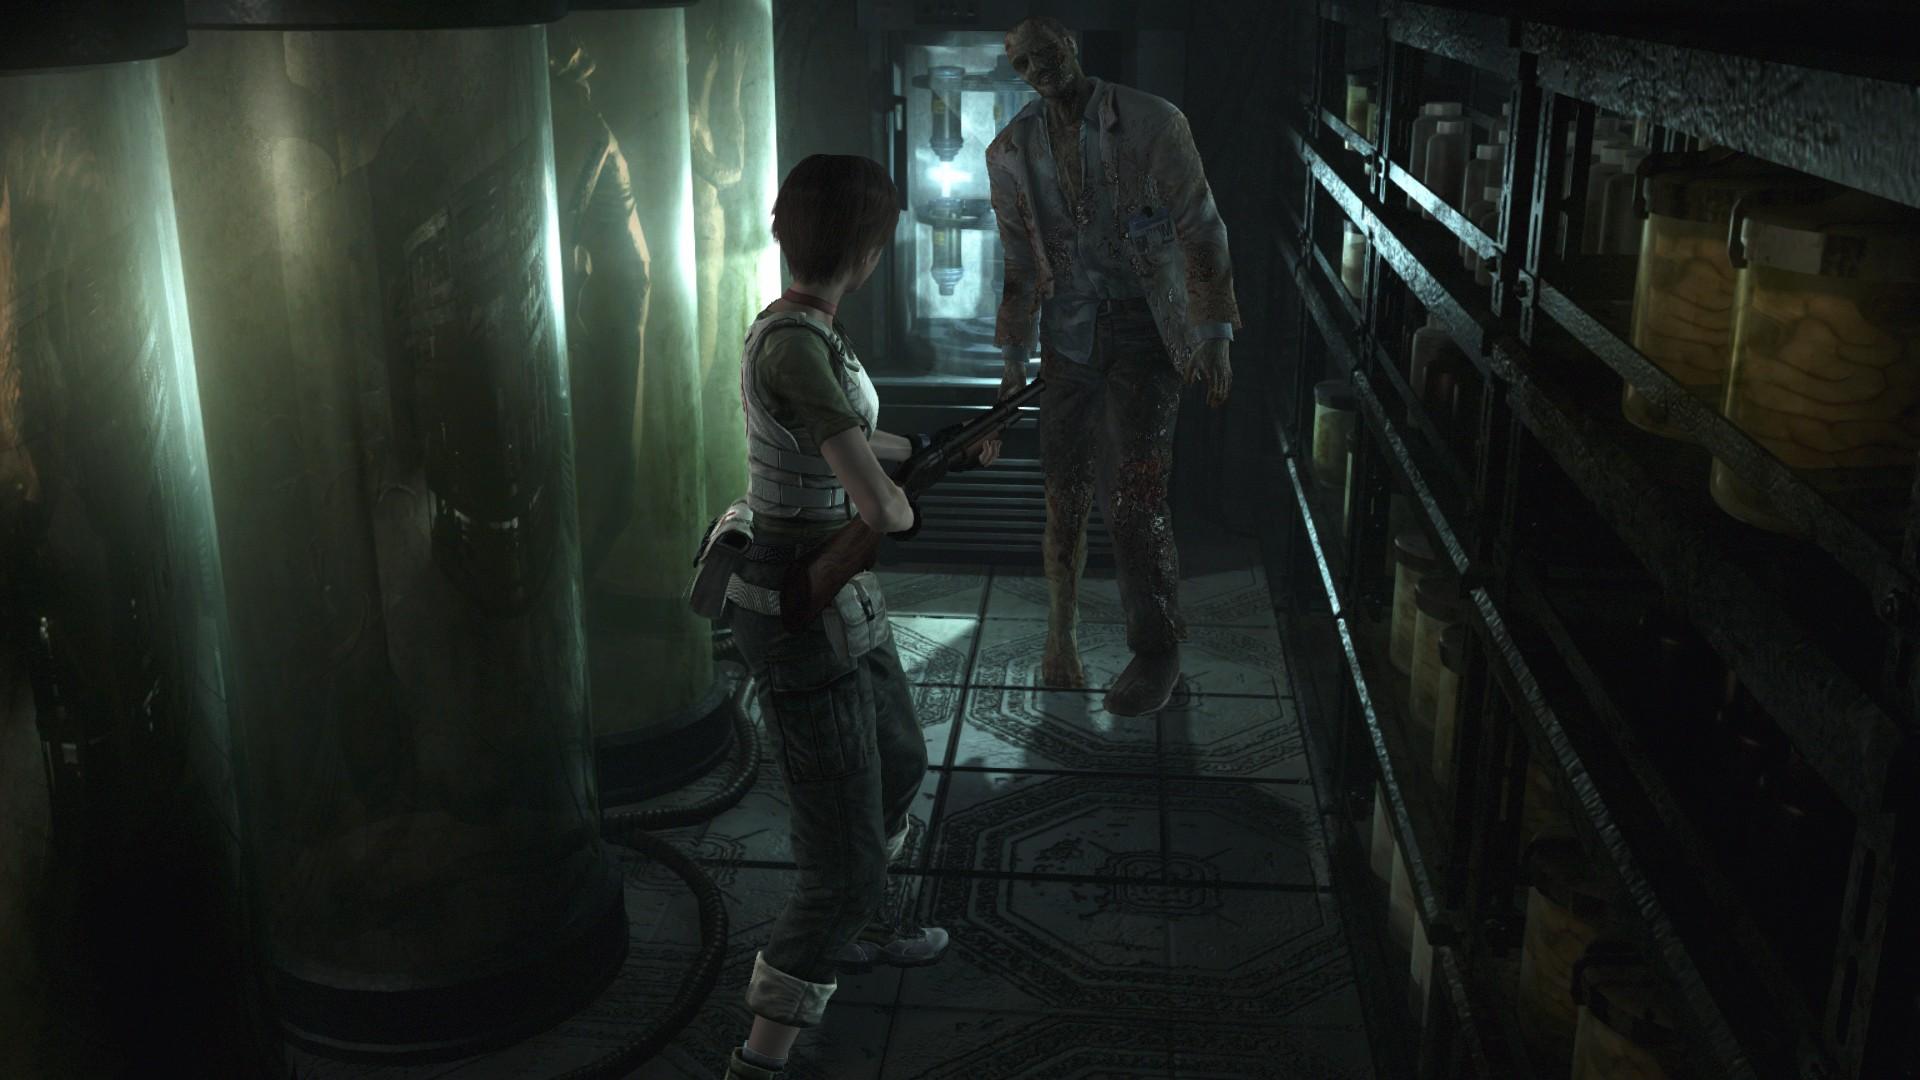 GAMECOIN - RESIDENT EVIL ZERO HD 1